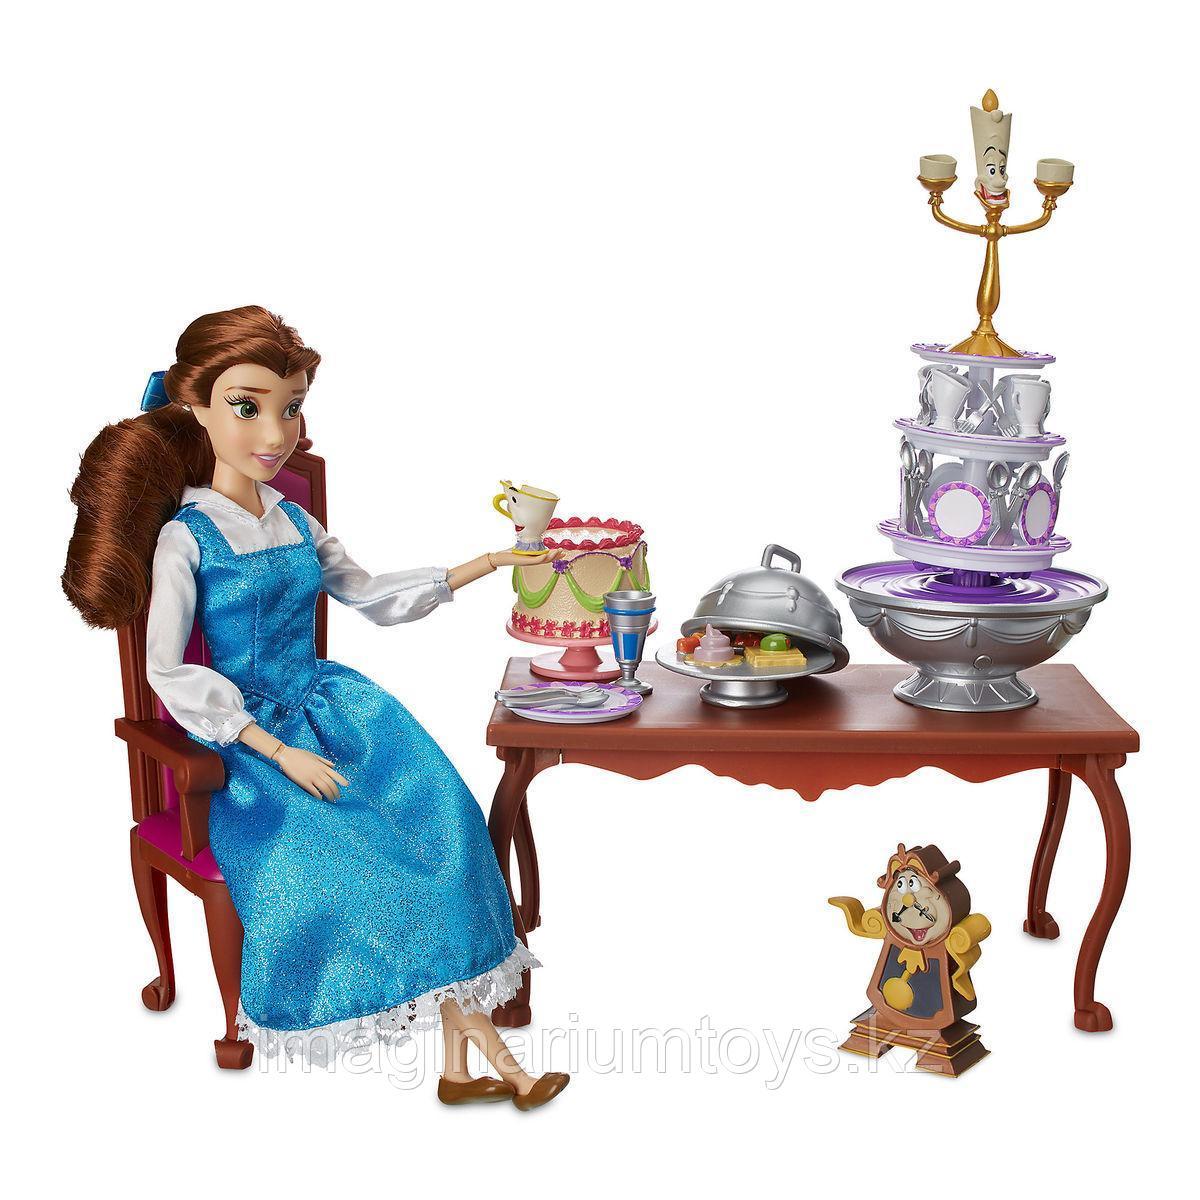 Игровой набор Бэлль с героями из м/ф «Красавица и чудовище»